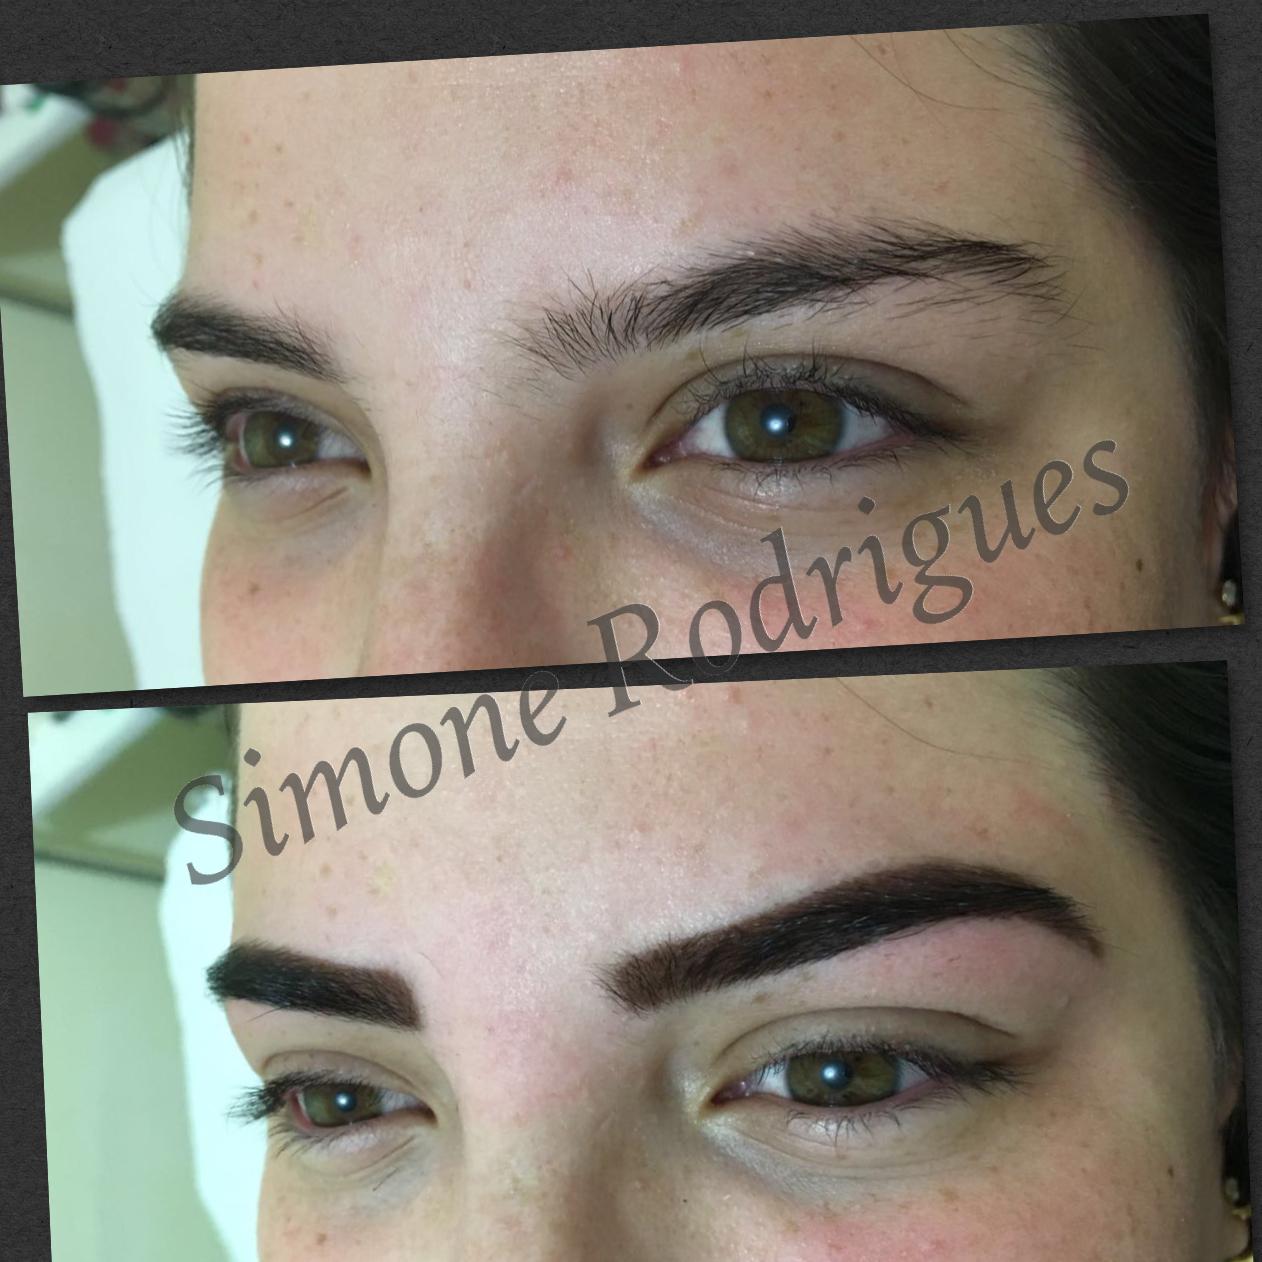 #designdesobrancelhas #aplicaçaode henna #sobrancelhasperfeitas #eyebrow estética designer de sobrancelhas esteticista depilador(a) micropigmentador(a)